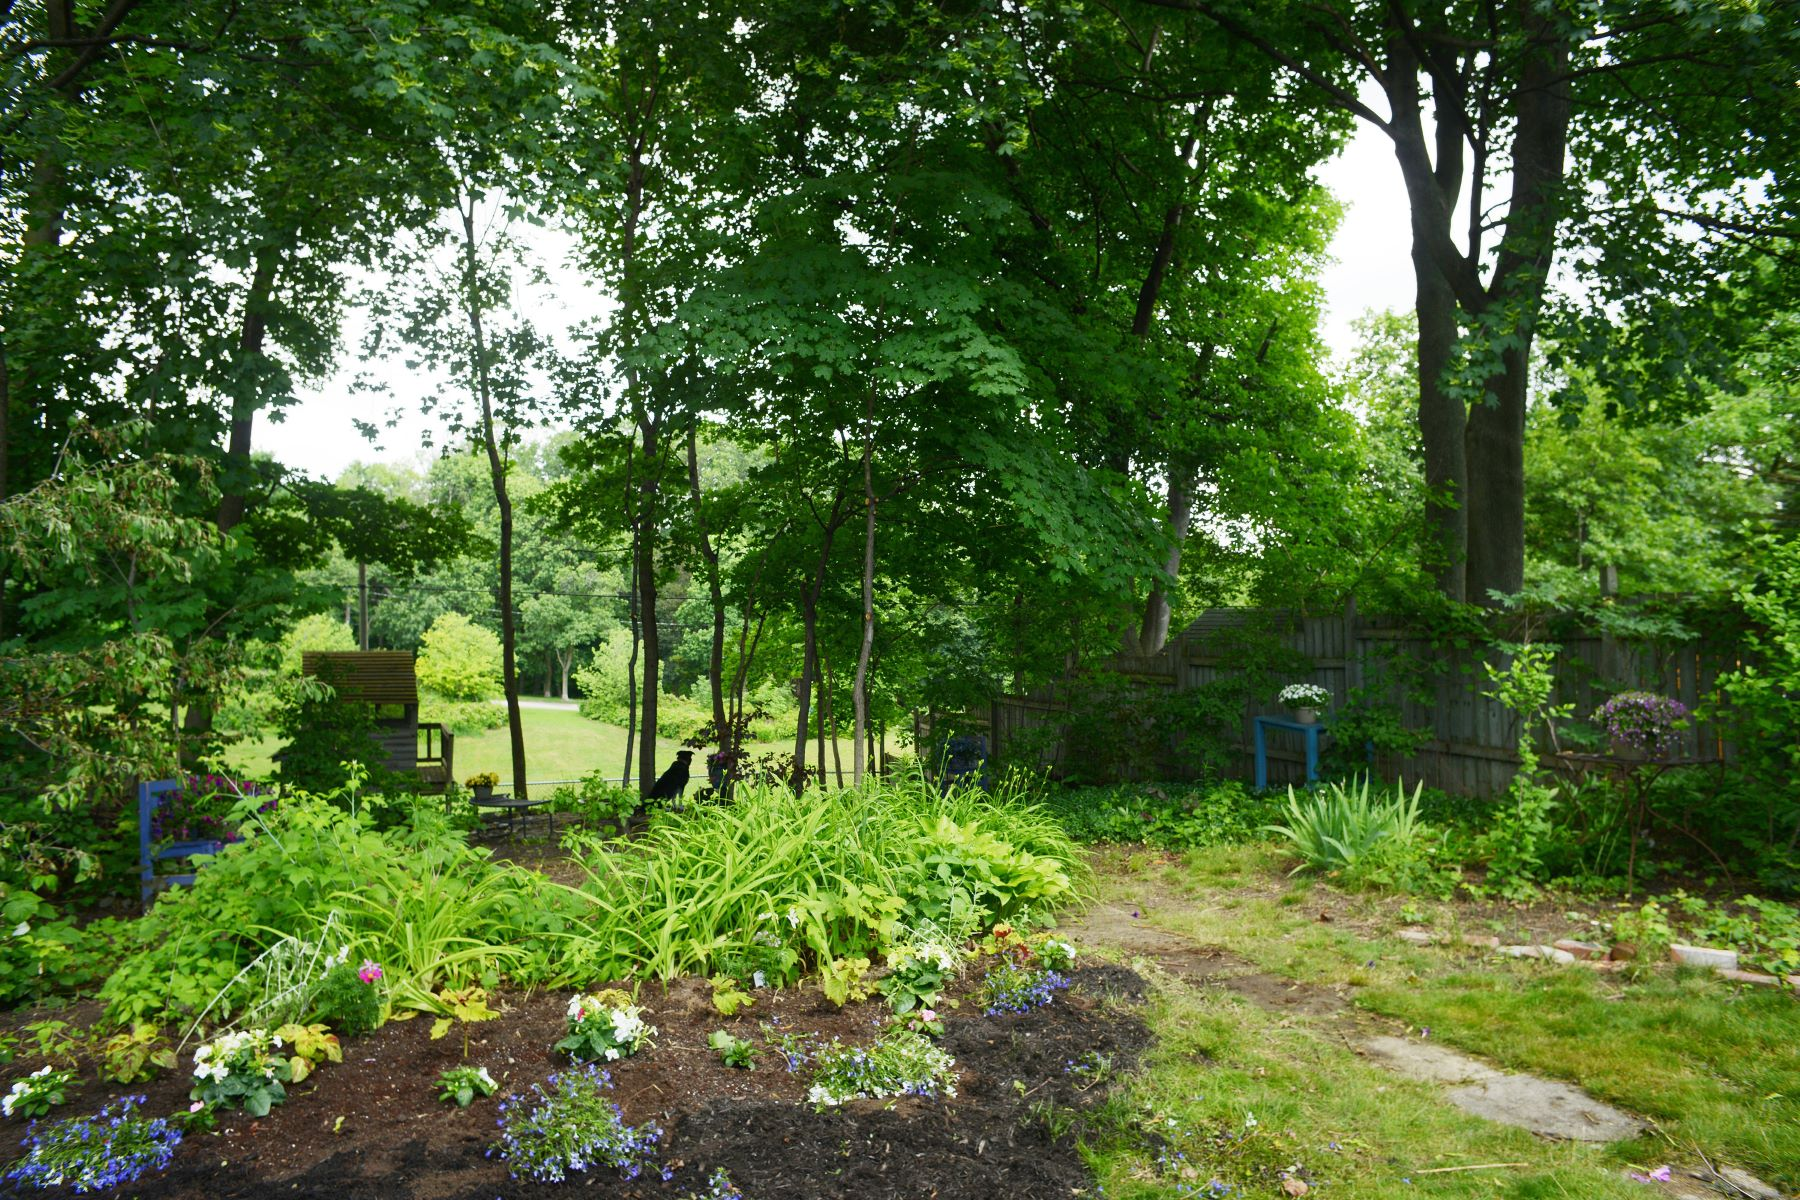 独户住宅 为 销售 在 Sherwood Park 342 Keewatin Ave 多伦多, 安大略省, M4P2A5 加拿大